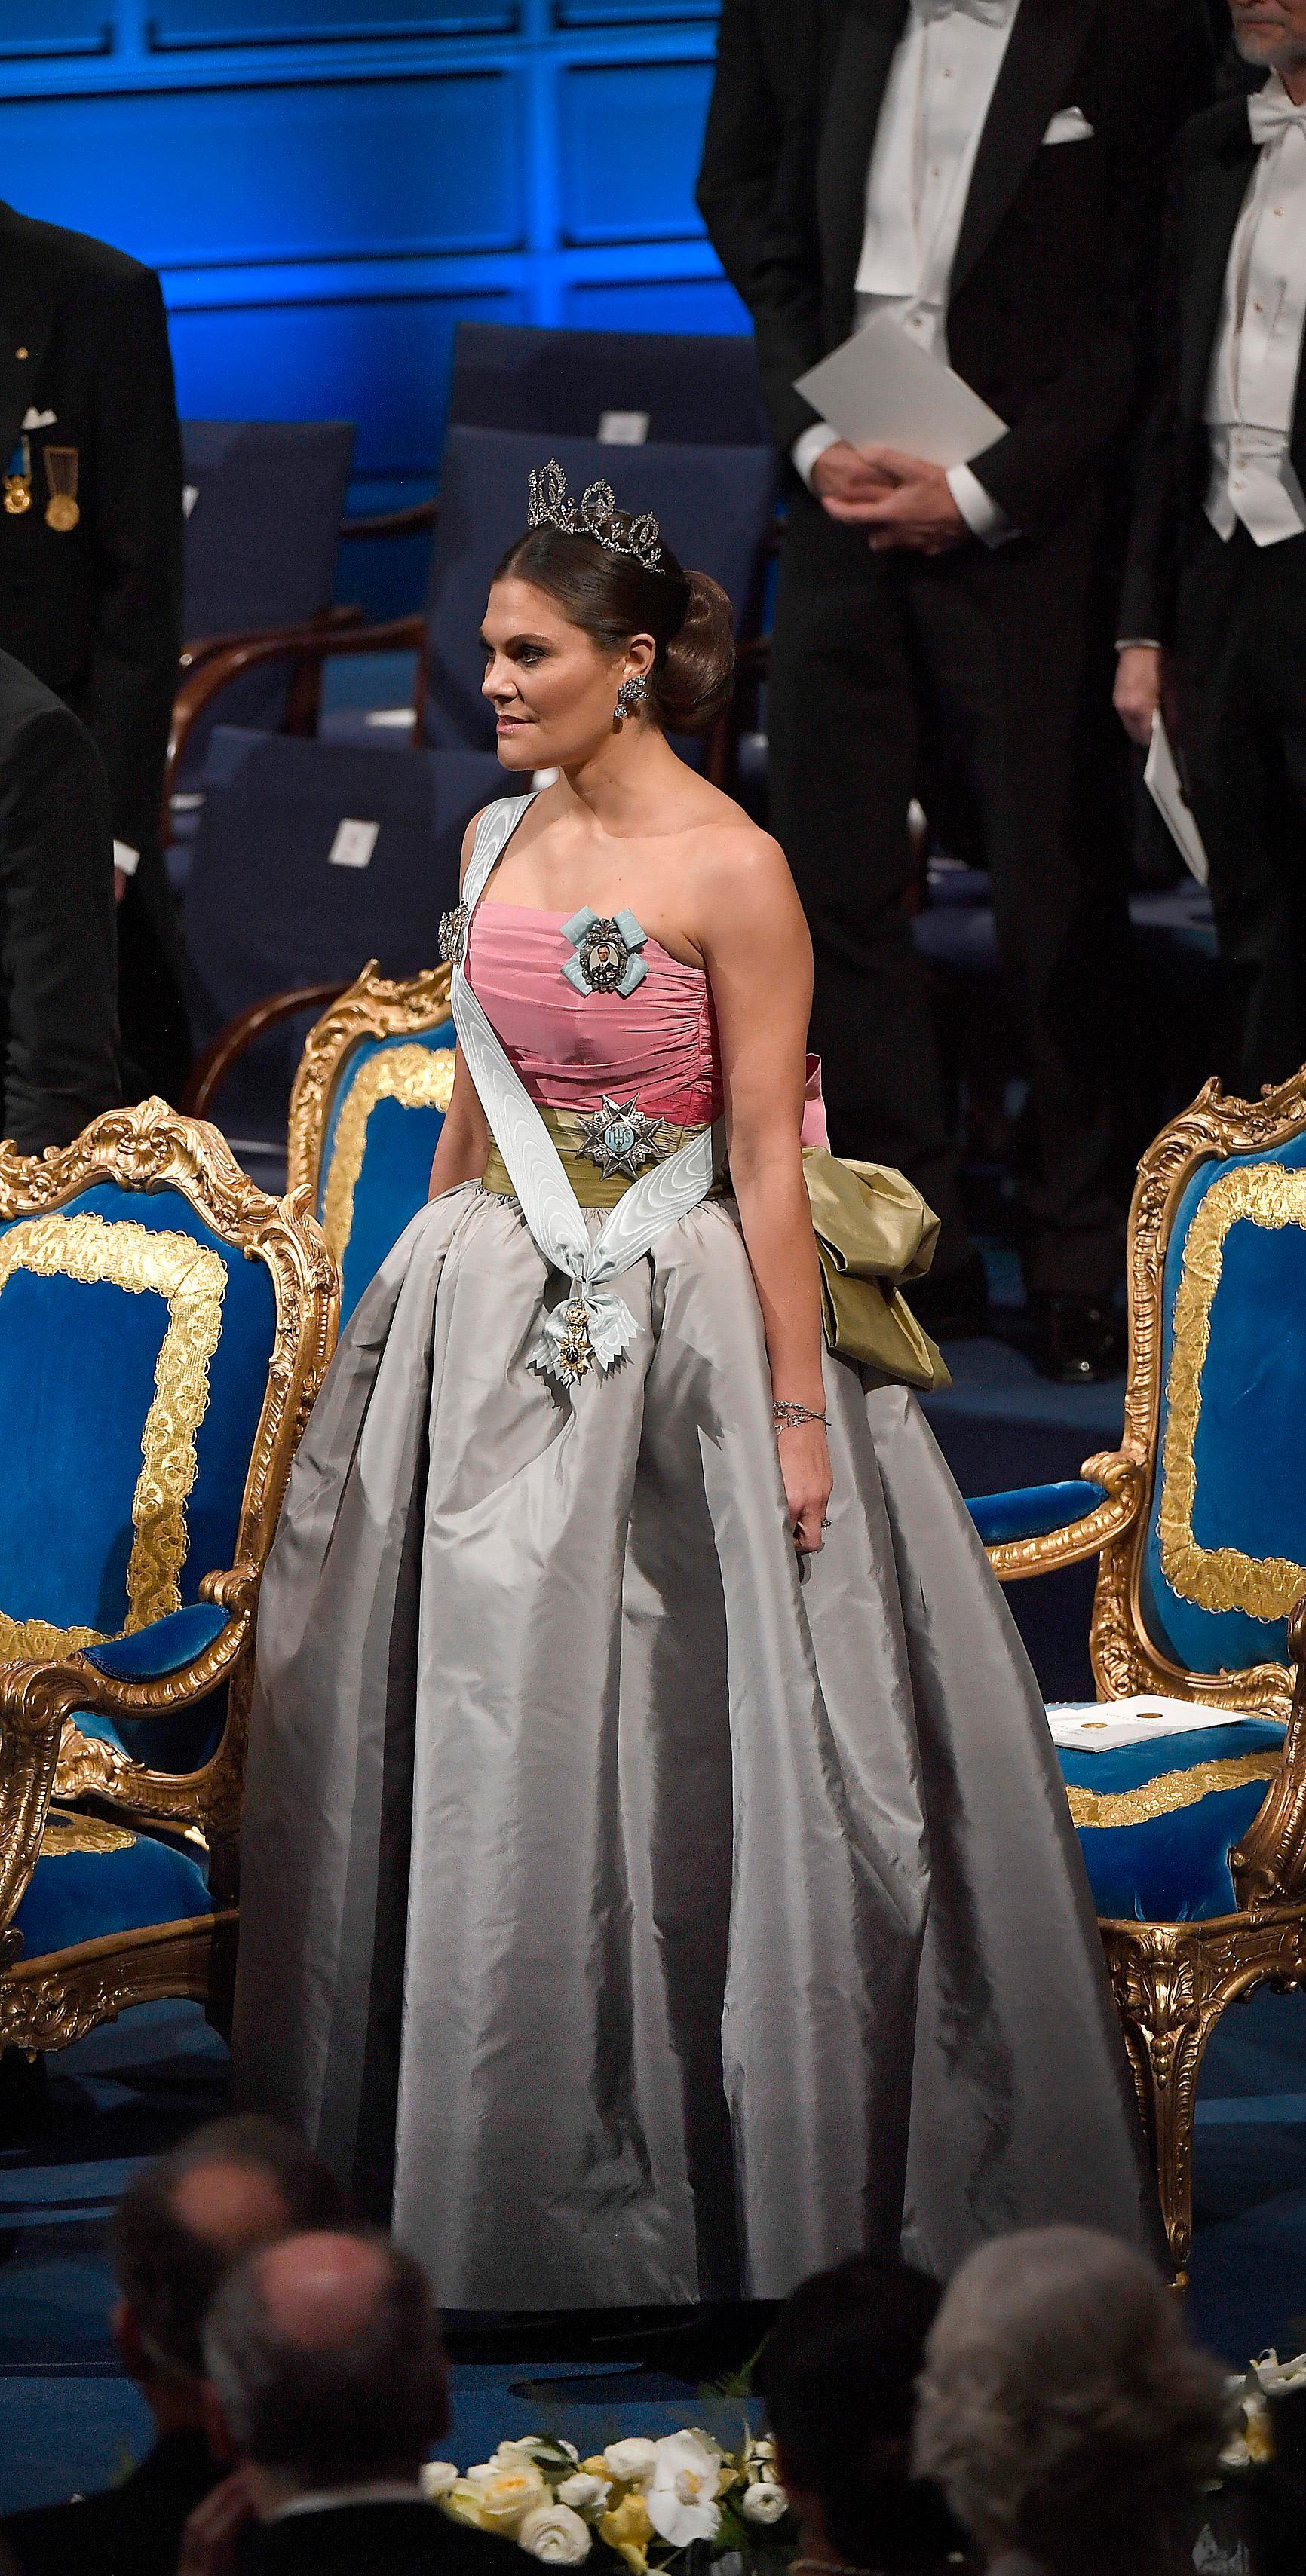 2018.Nobelfesten gick i återbrukets tecken när Victoria gled in i klänningen som drottningen bar 1995. Den 23 år gamla sidentaftklänningen är designad av italienska modehuset Nina Ricci och pryds av en stor rosett på ryggen och känns mer modern än någonsin.